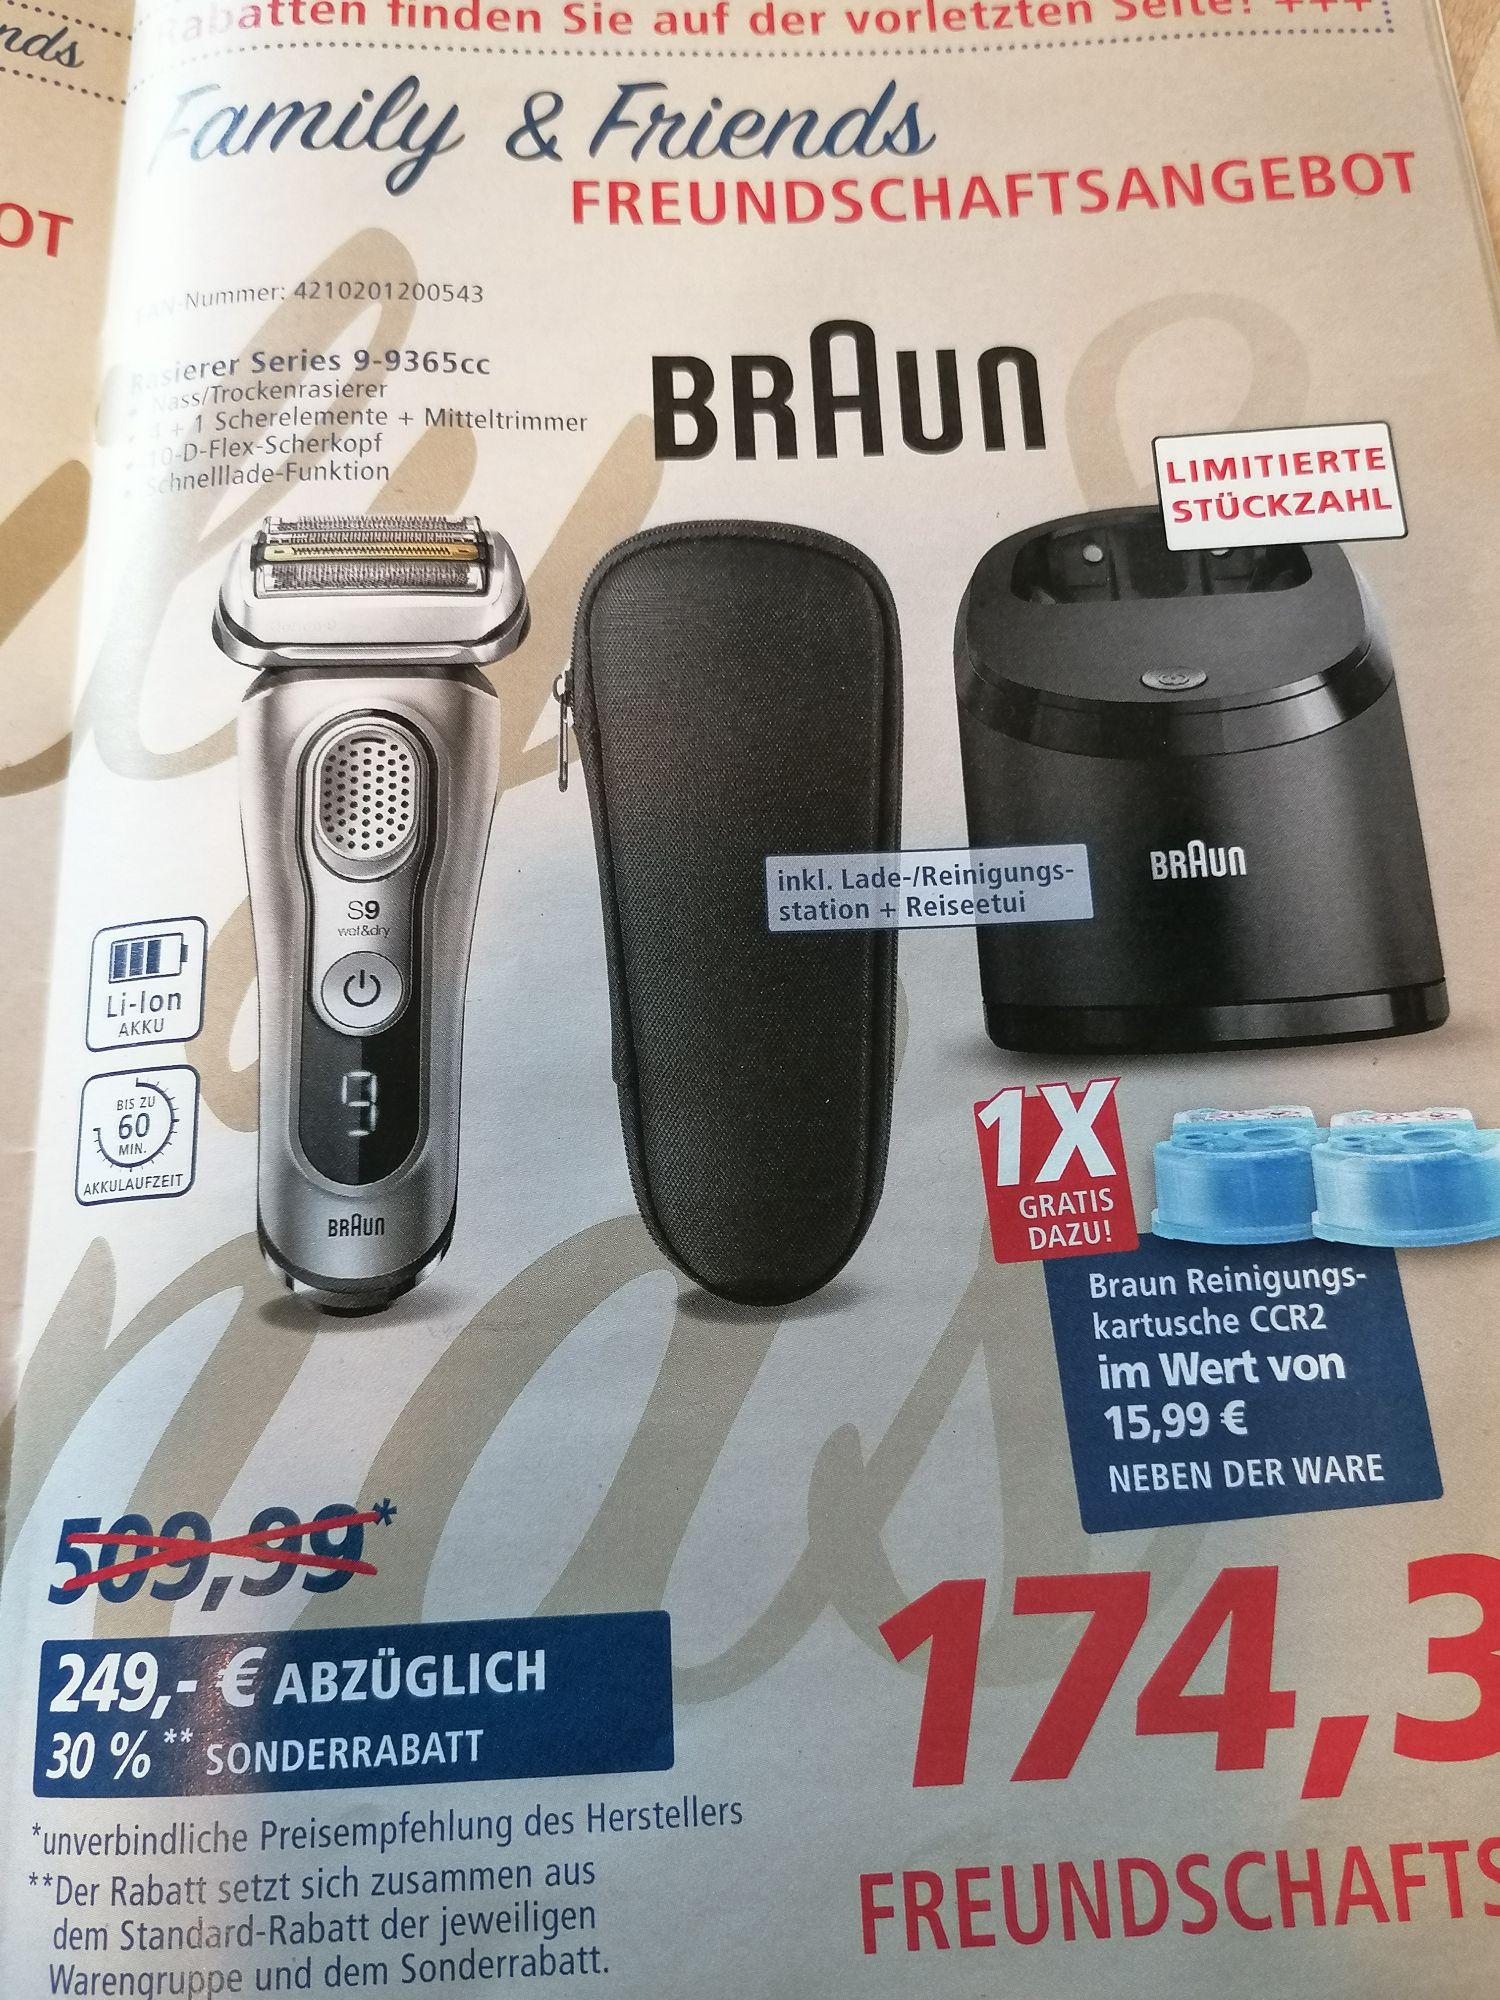 Braun series 9365cc,inkl. Ladestation und zwei Reinigungskapseln -